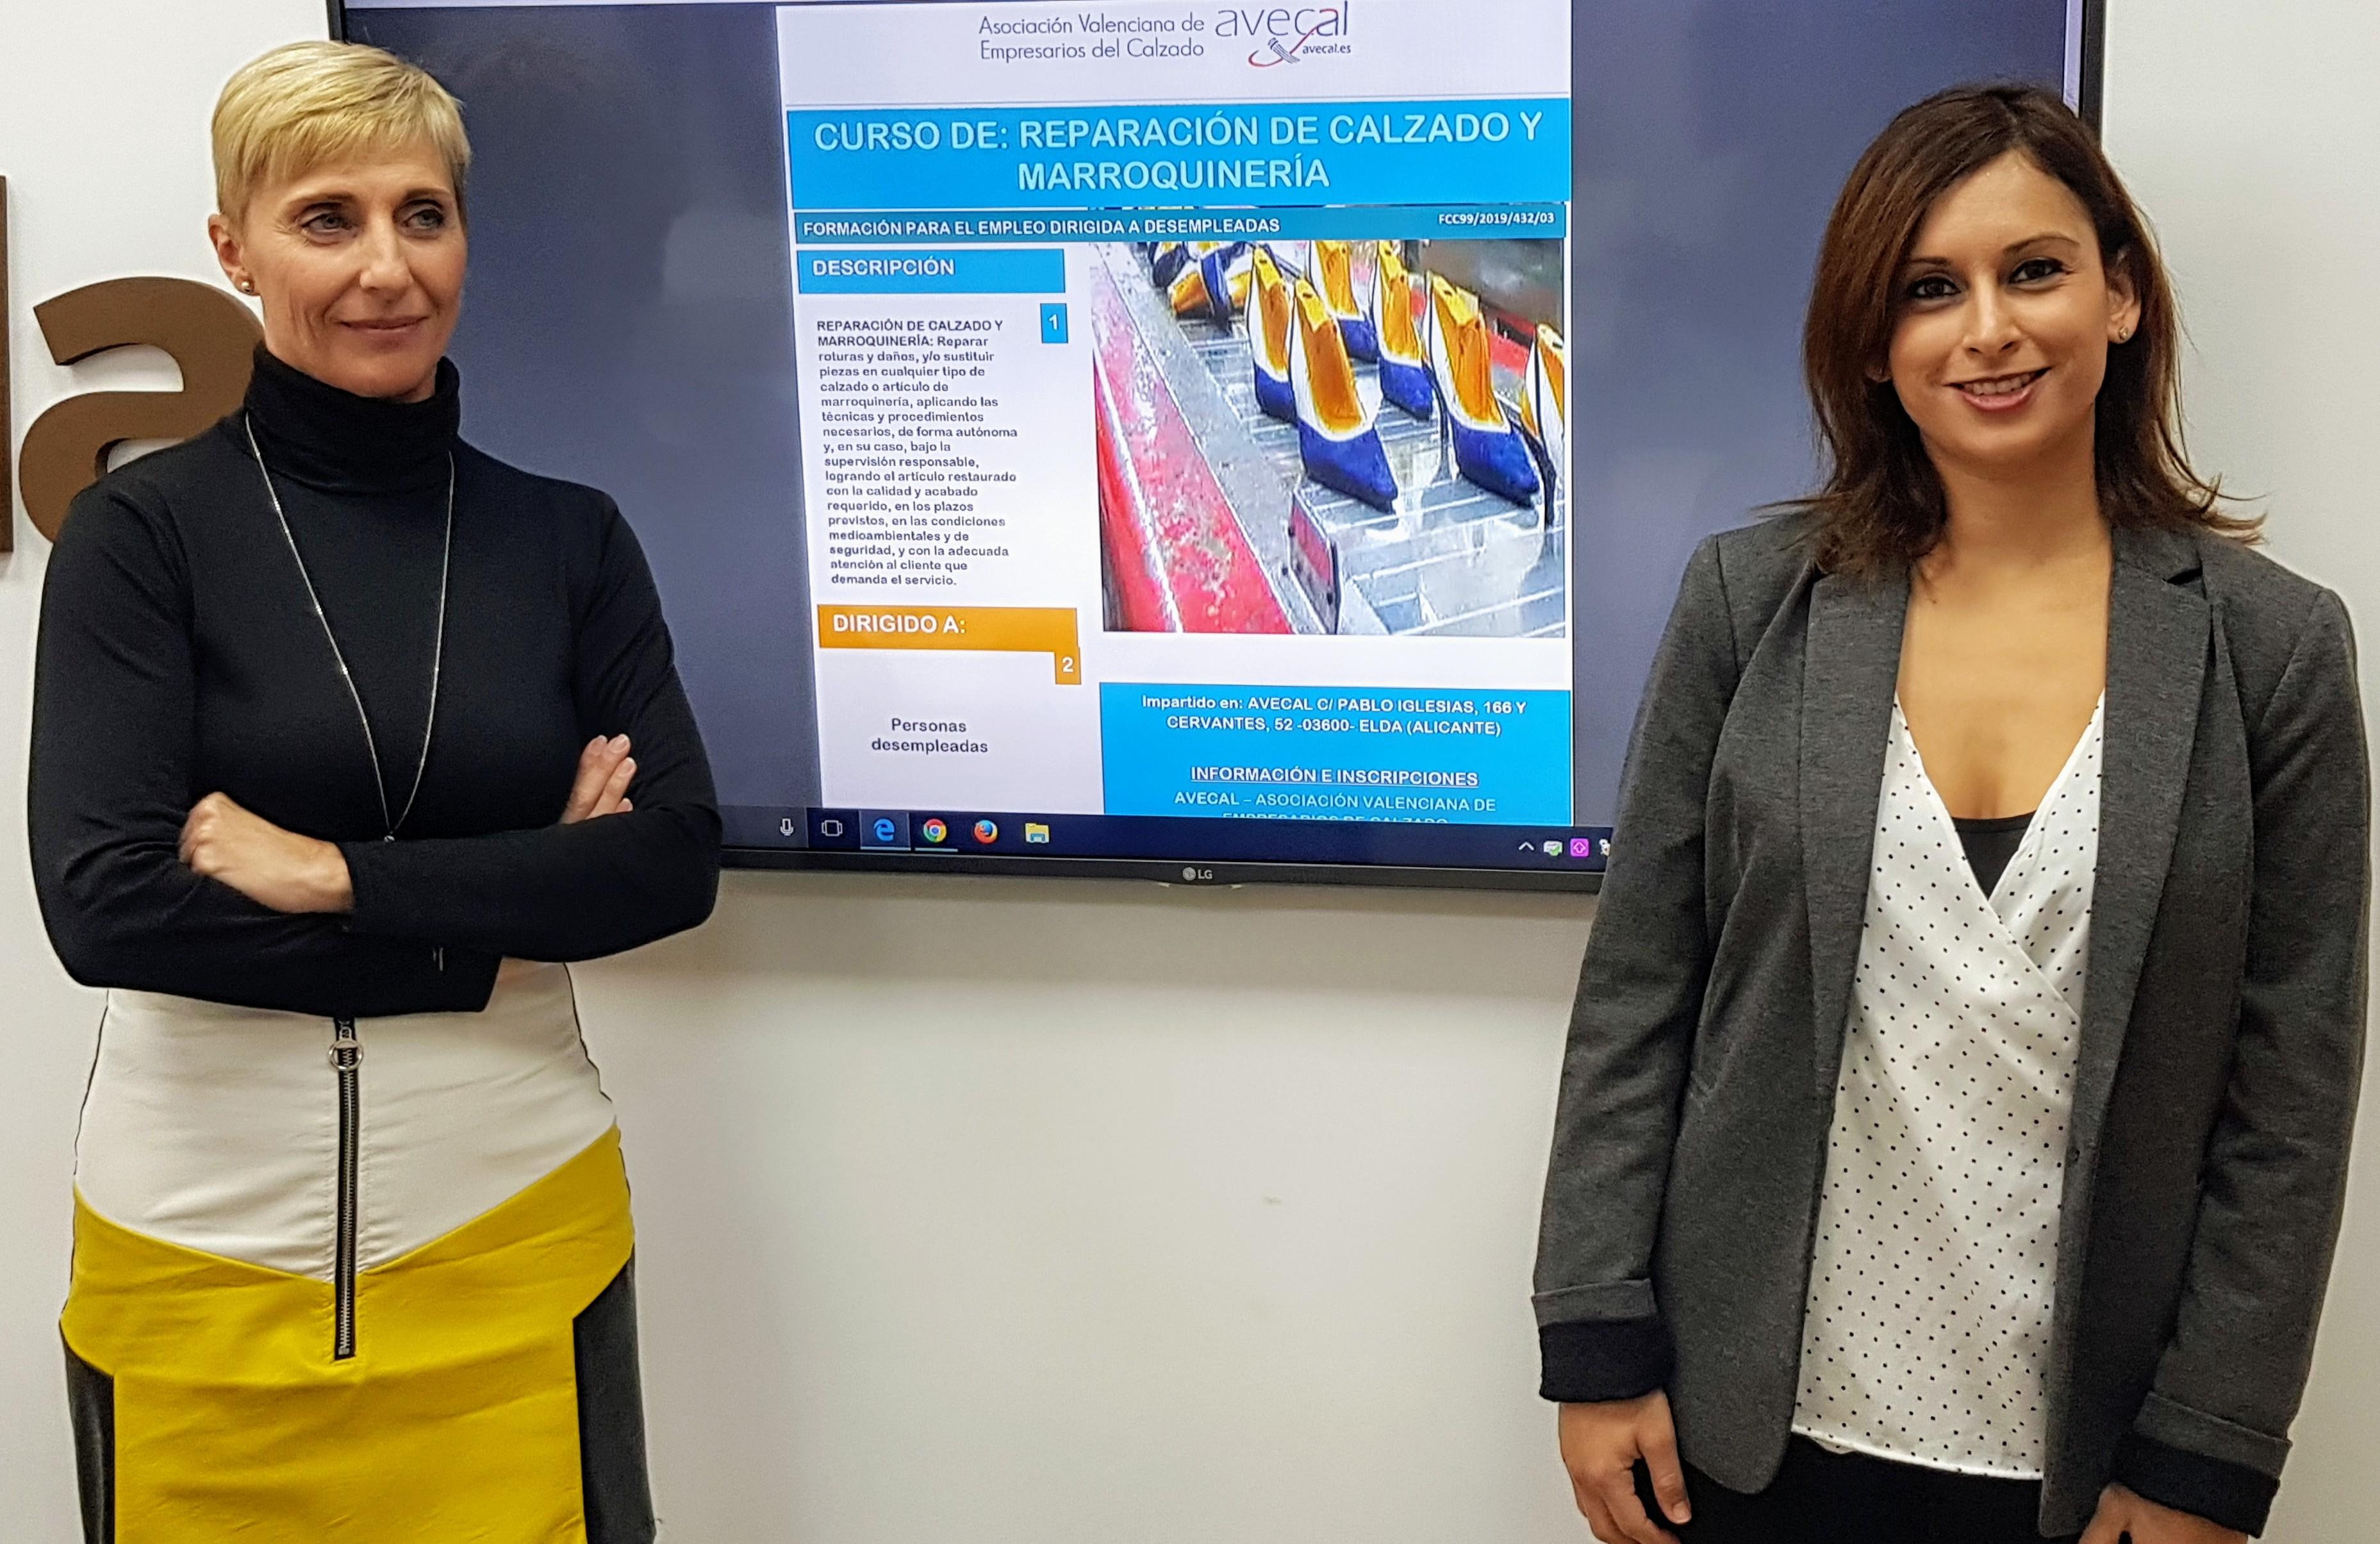 Avecal imparte un curso profesional de Reparación de Calzado y Marroquinería en colaboración con Idelsa